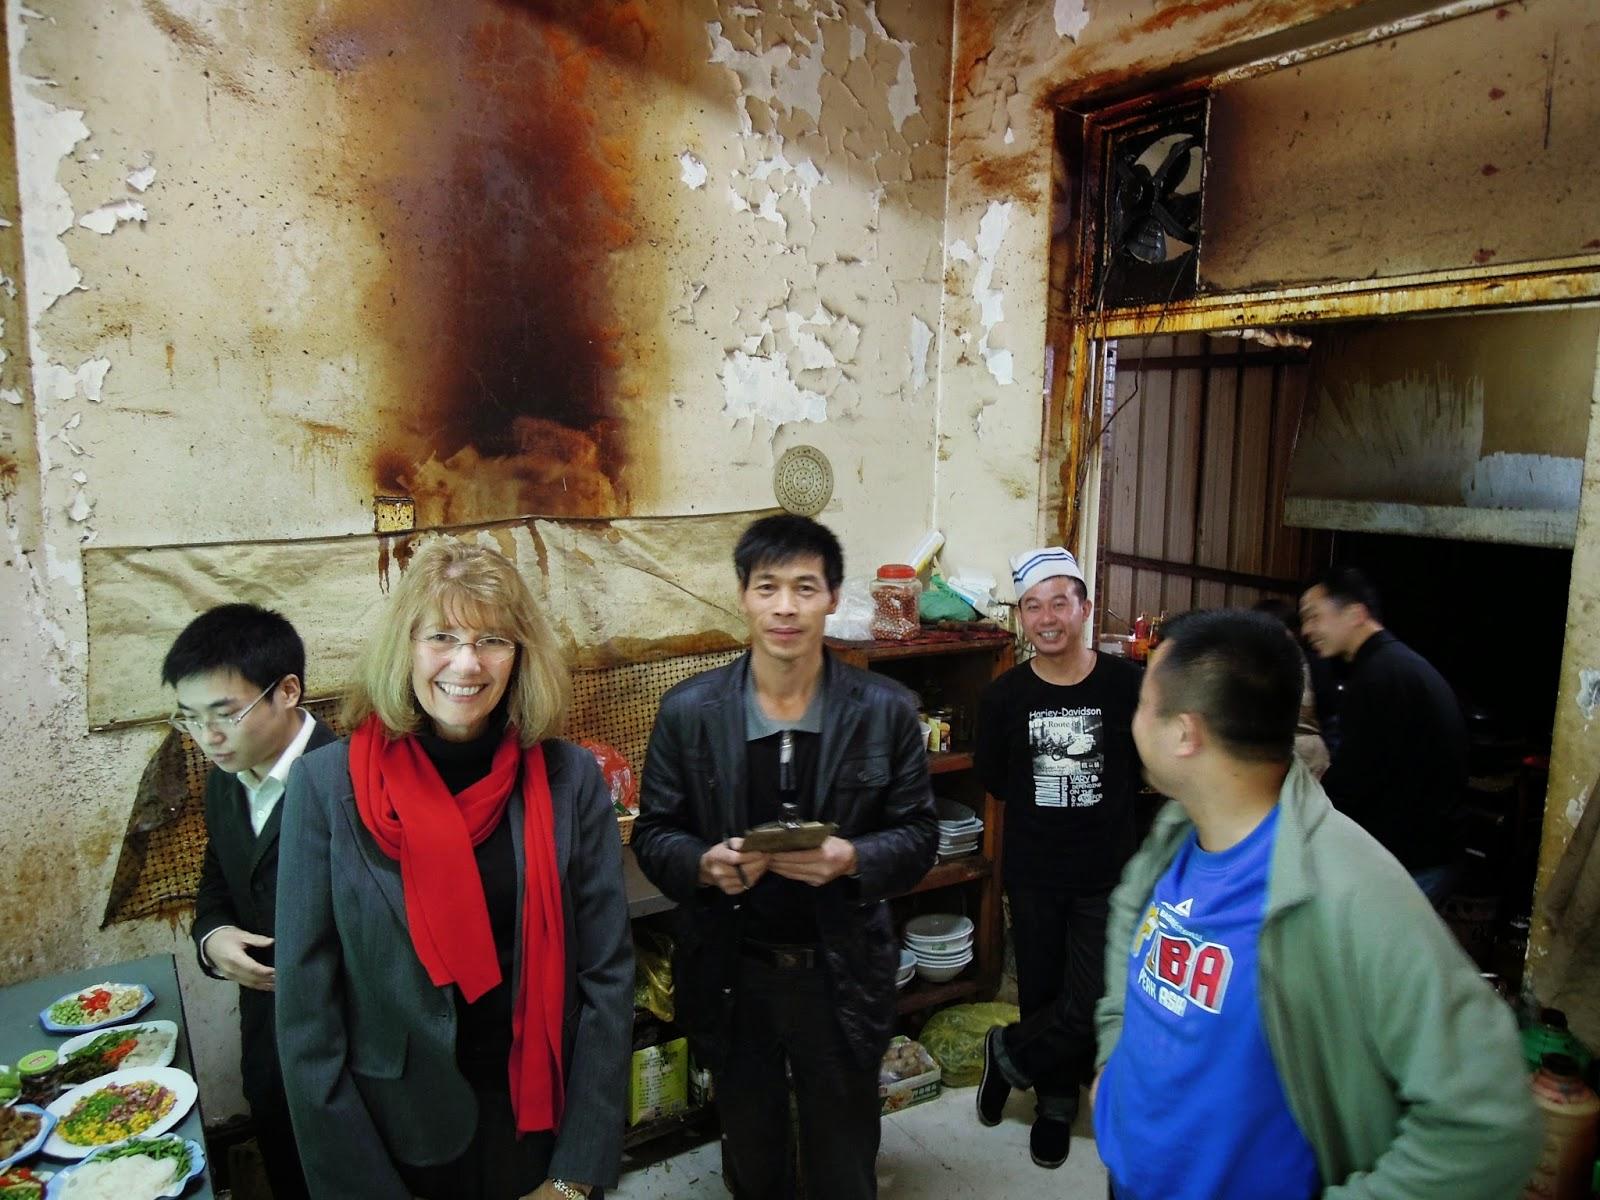 NPR, Shanghai, China